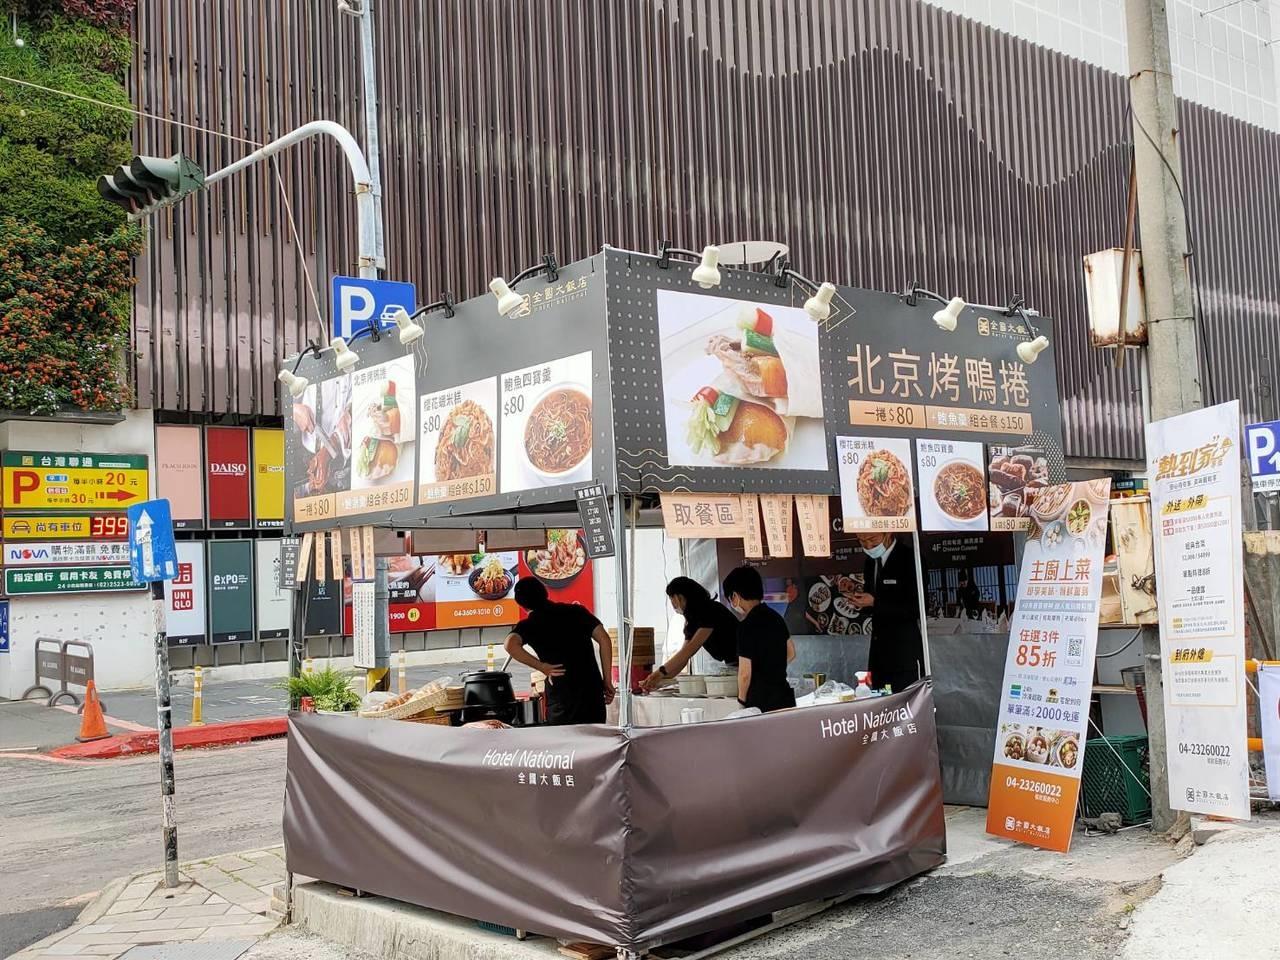 台中市全國飯店因生意差,員工們改在街頭擺攤。記者黃寅/攝影